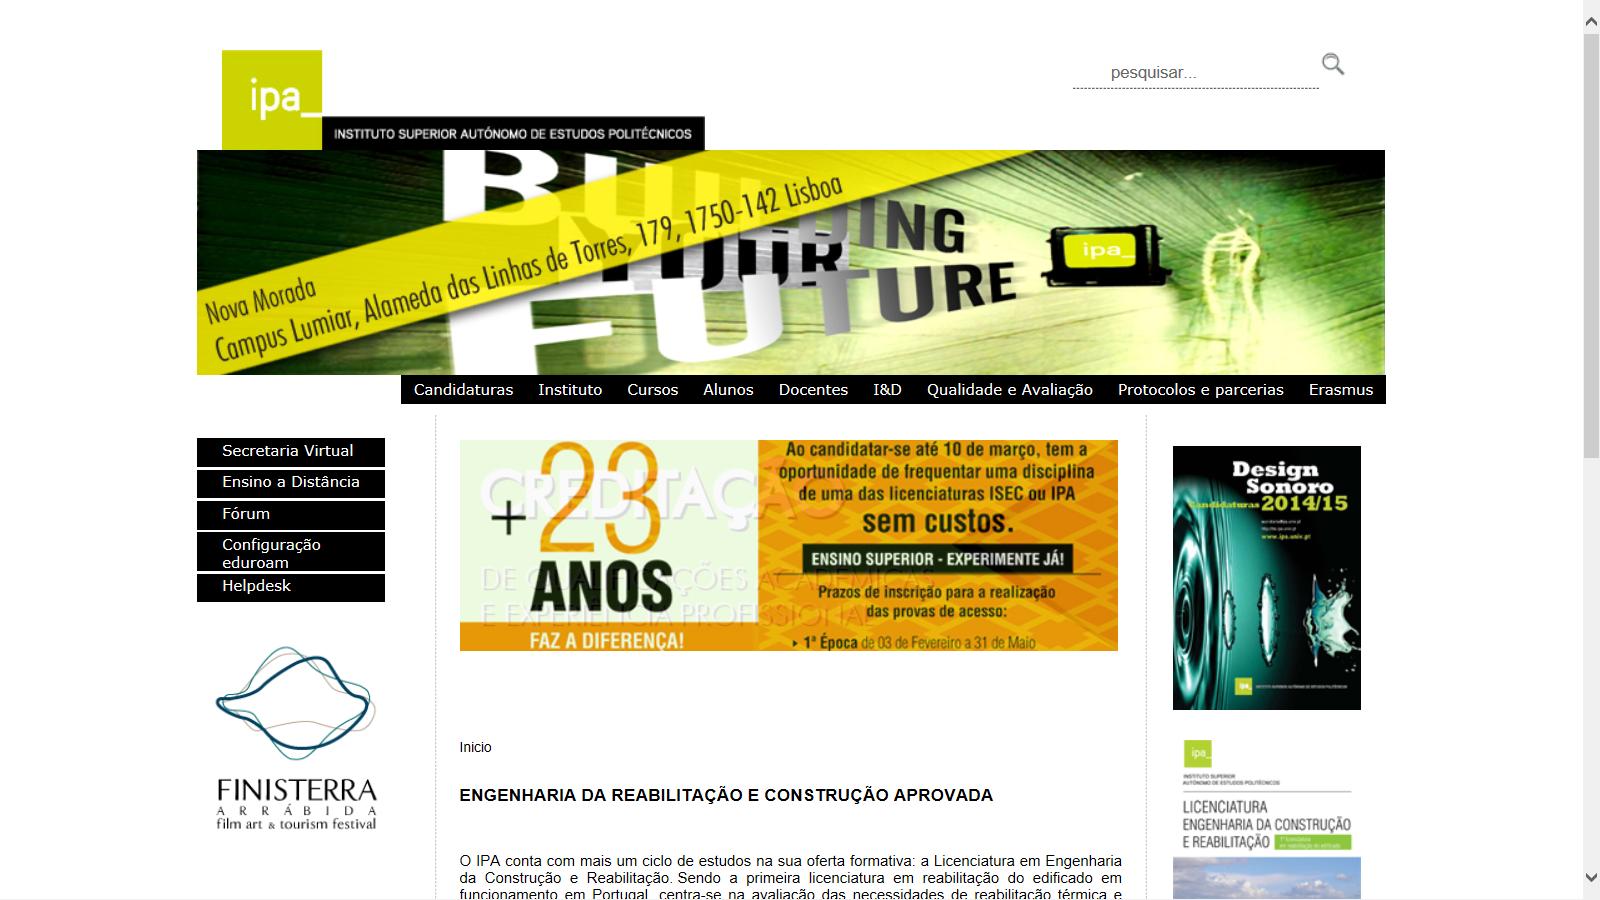 Imagem Portal Institucional do IPA, 2001-14